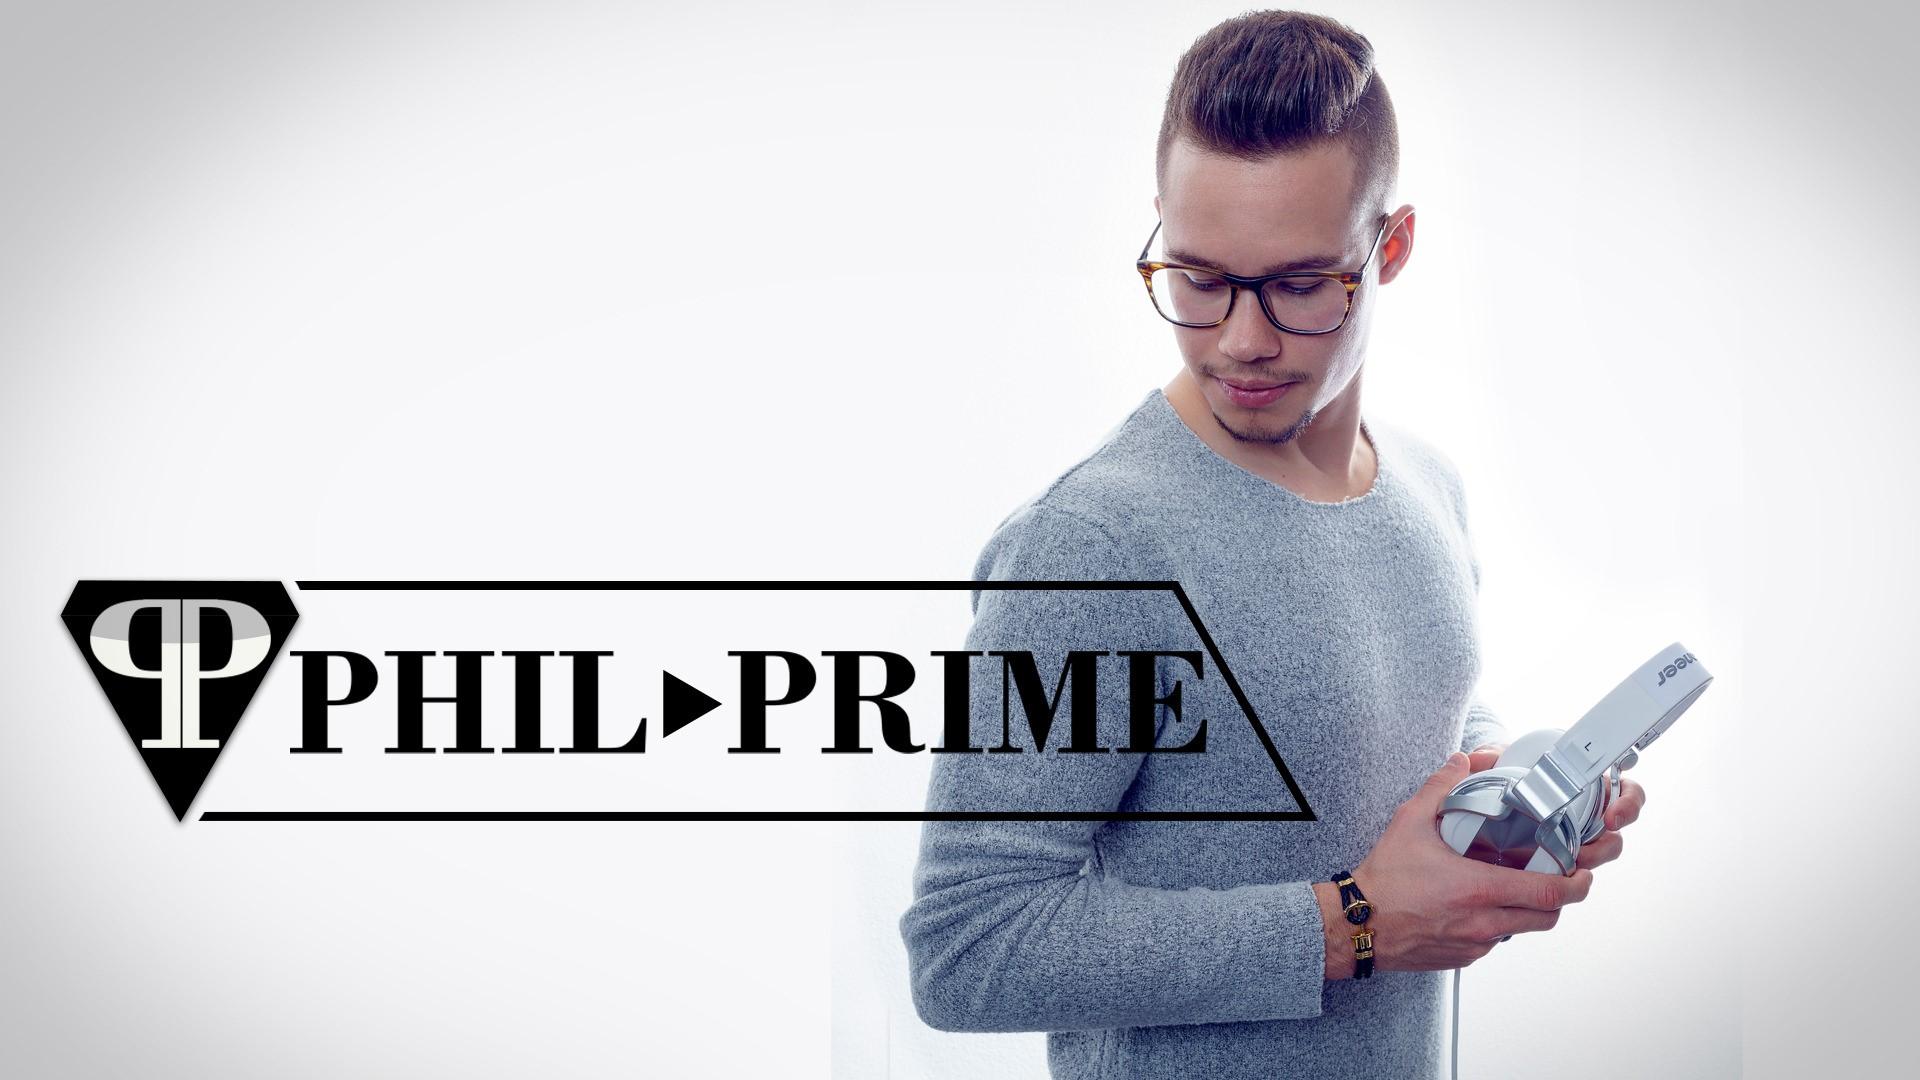 DJ Phil Prime